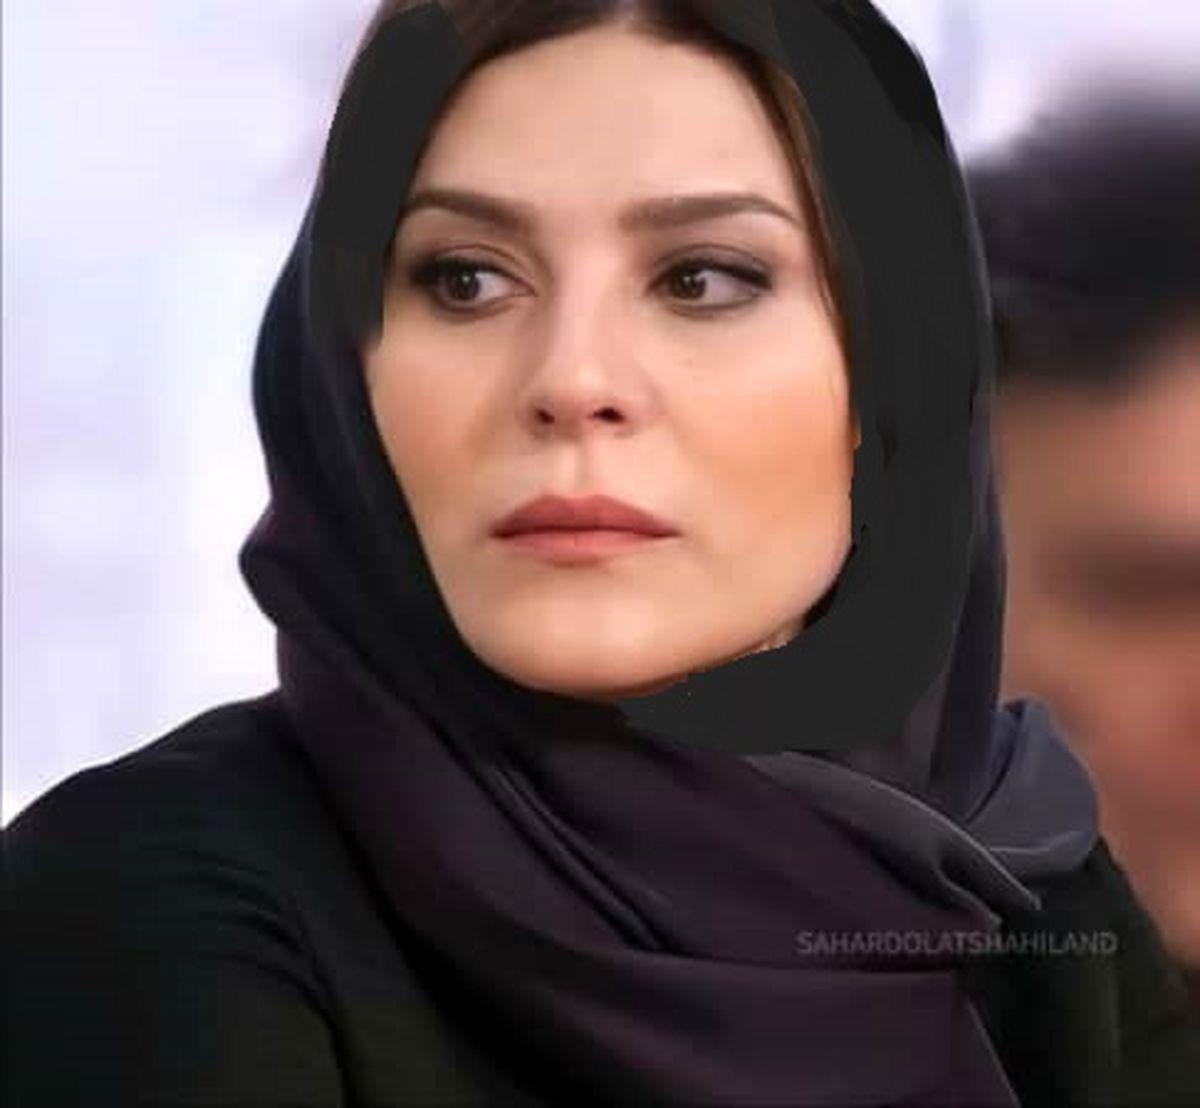 سحر دولتشاهی از حلقه ازدواج خود رونمایی کرد